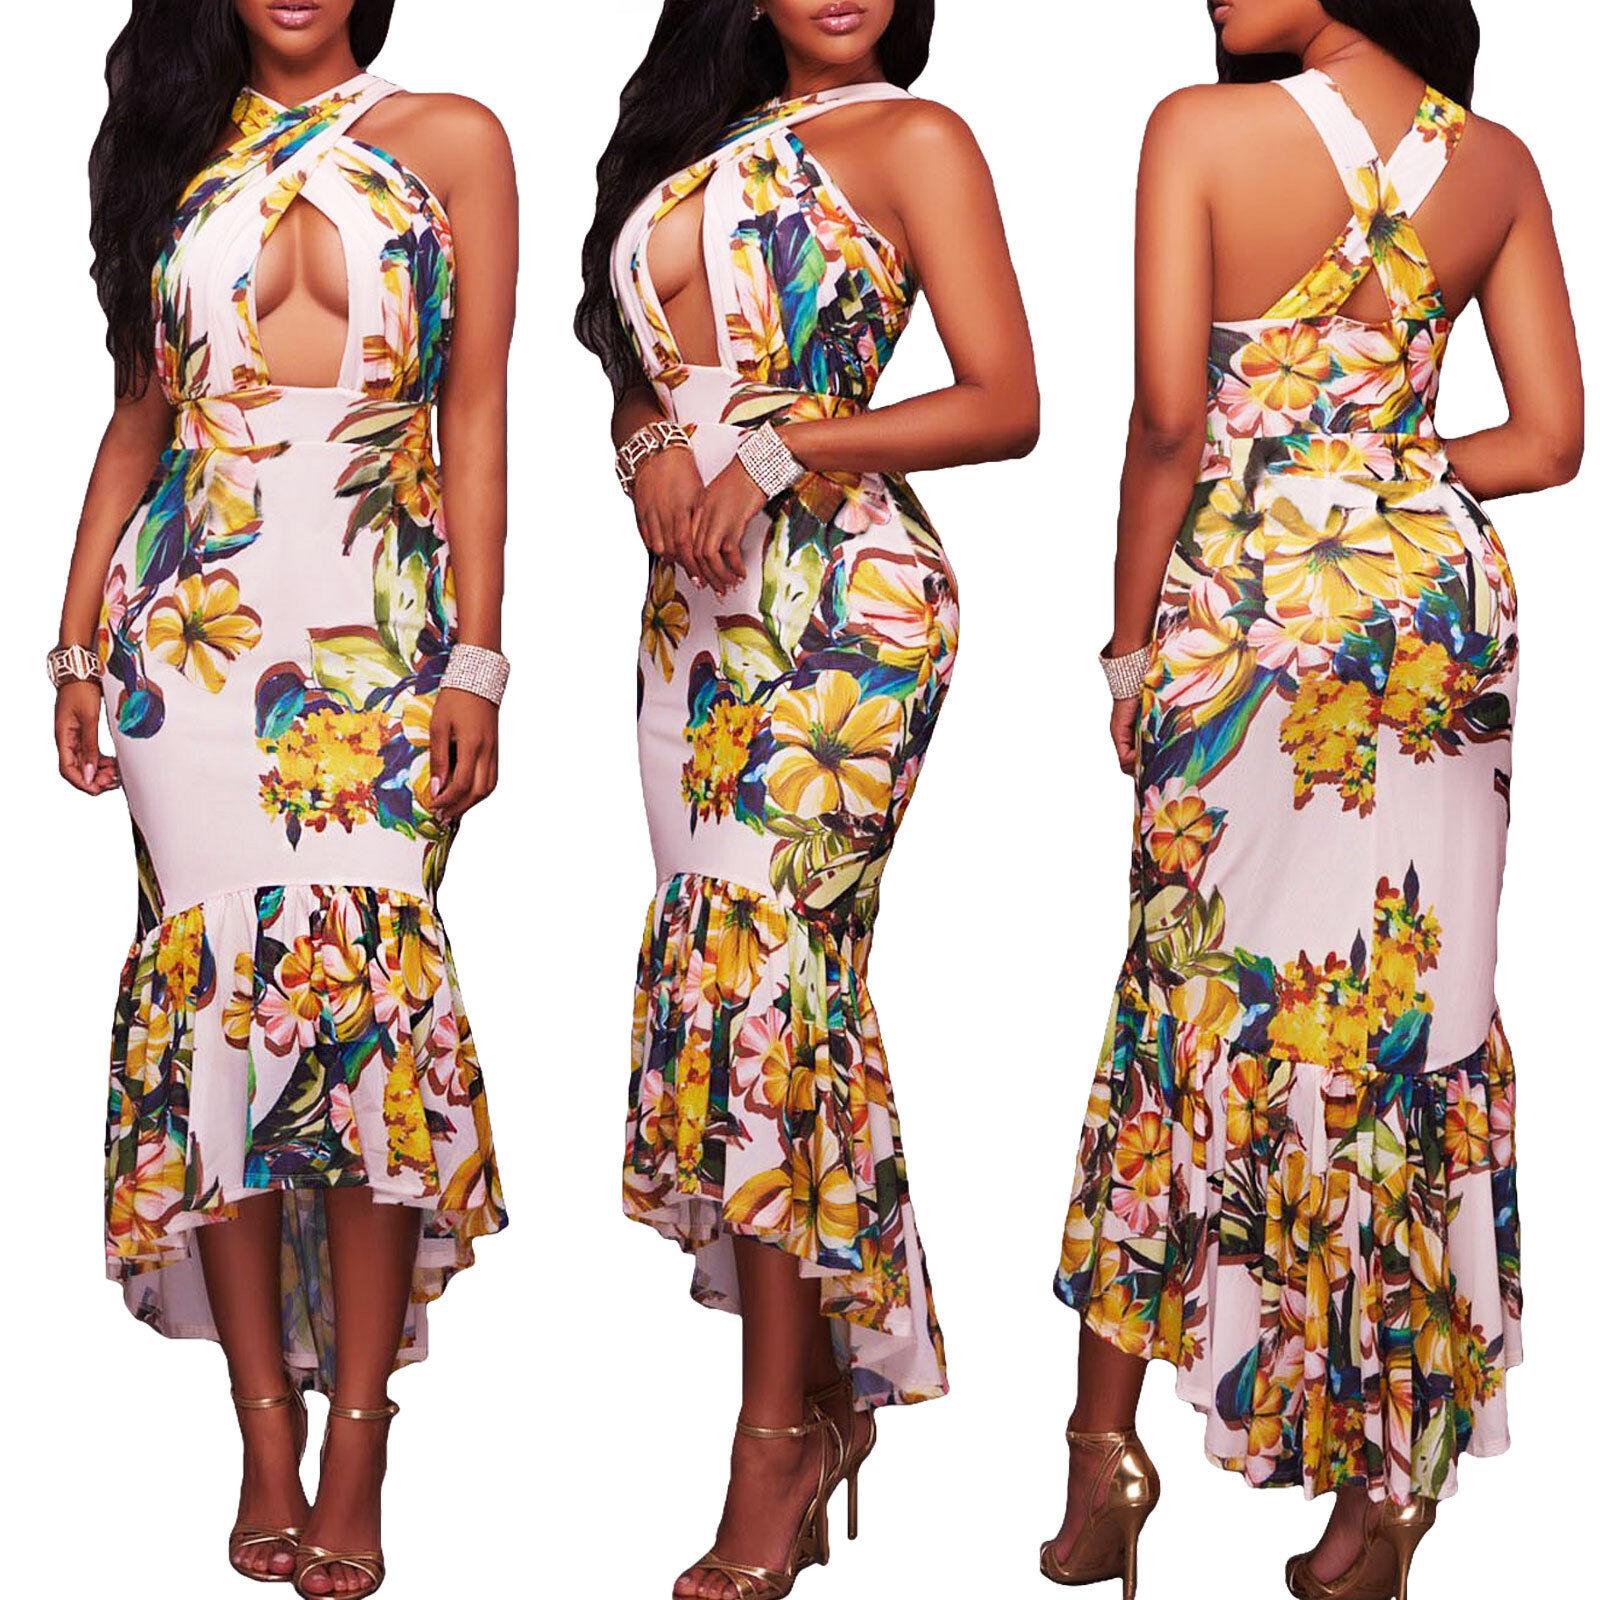 064d5de23aa4 Vestito donna lungo asimmetrico abito floreale elegante coda scollato